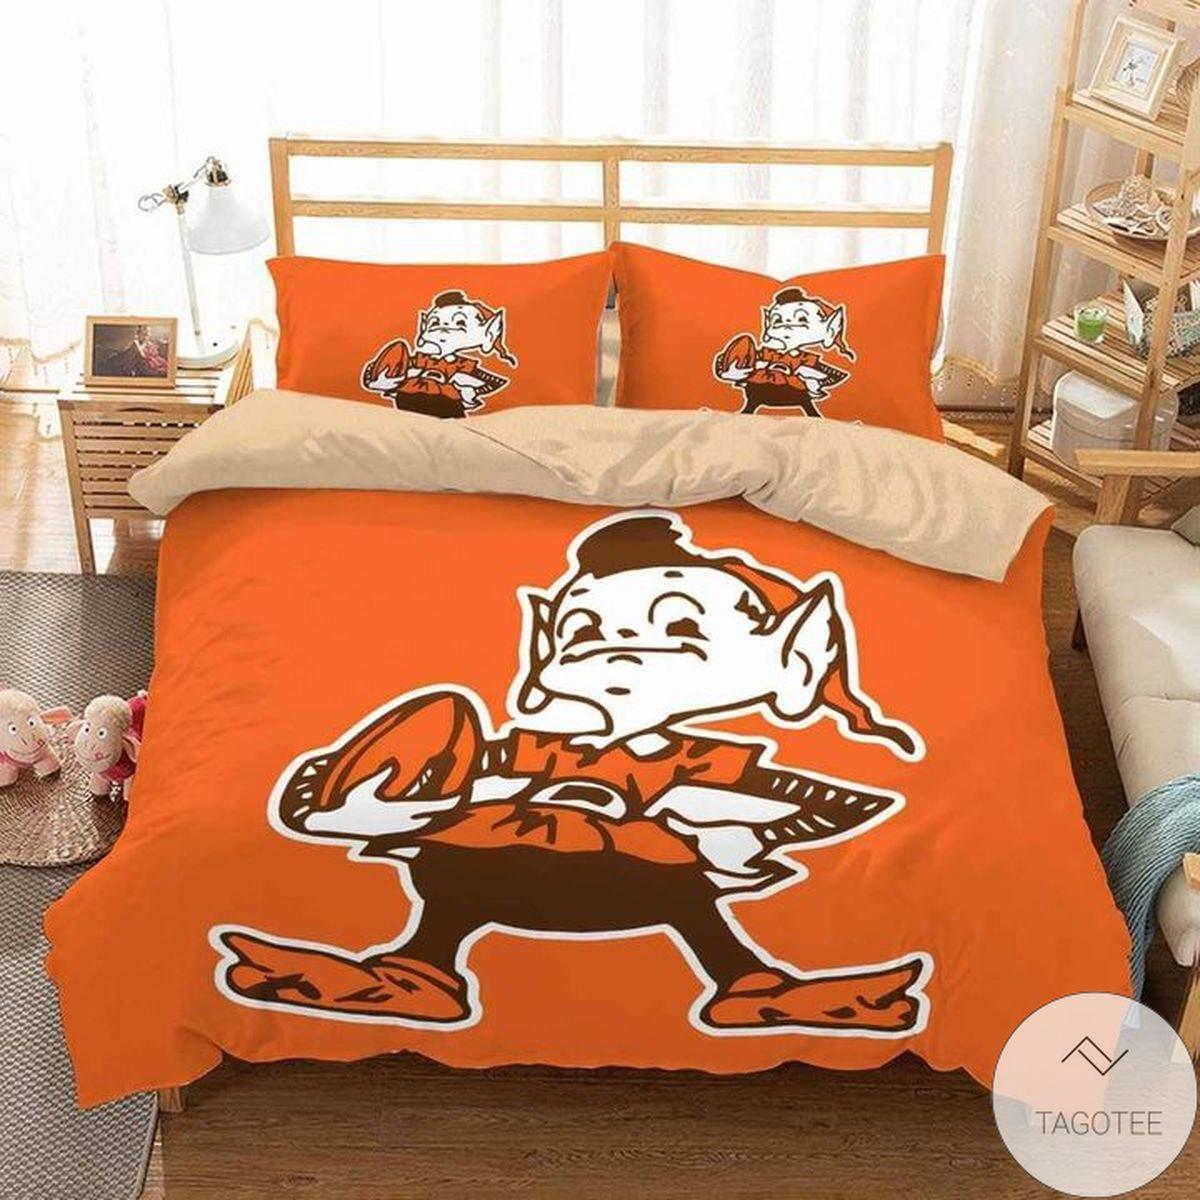 Cleveland Browns Bedding Set